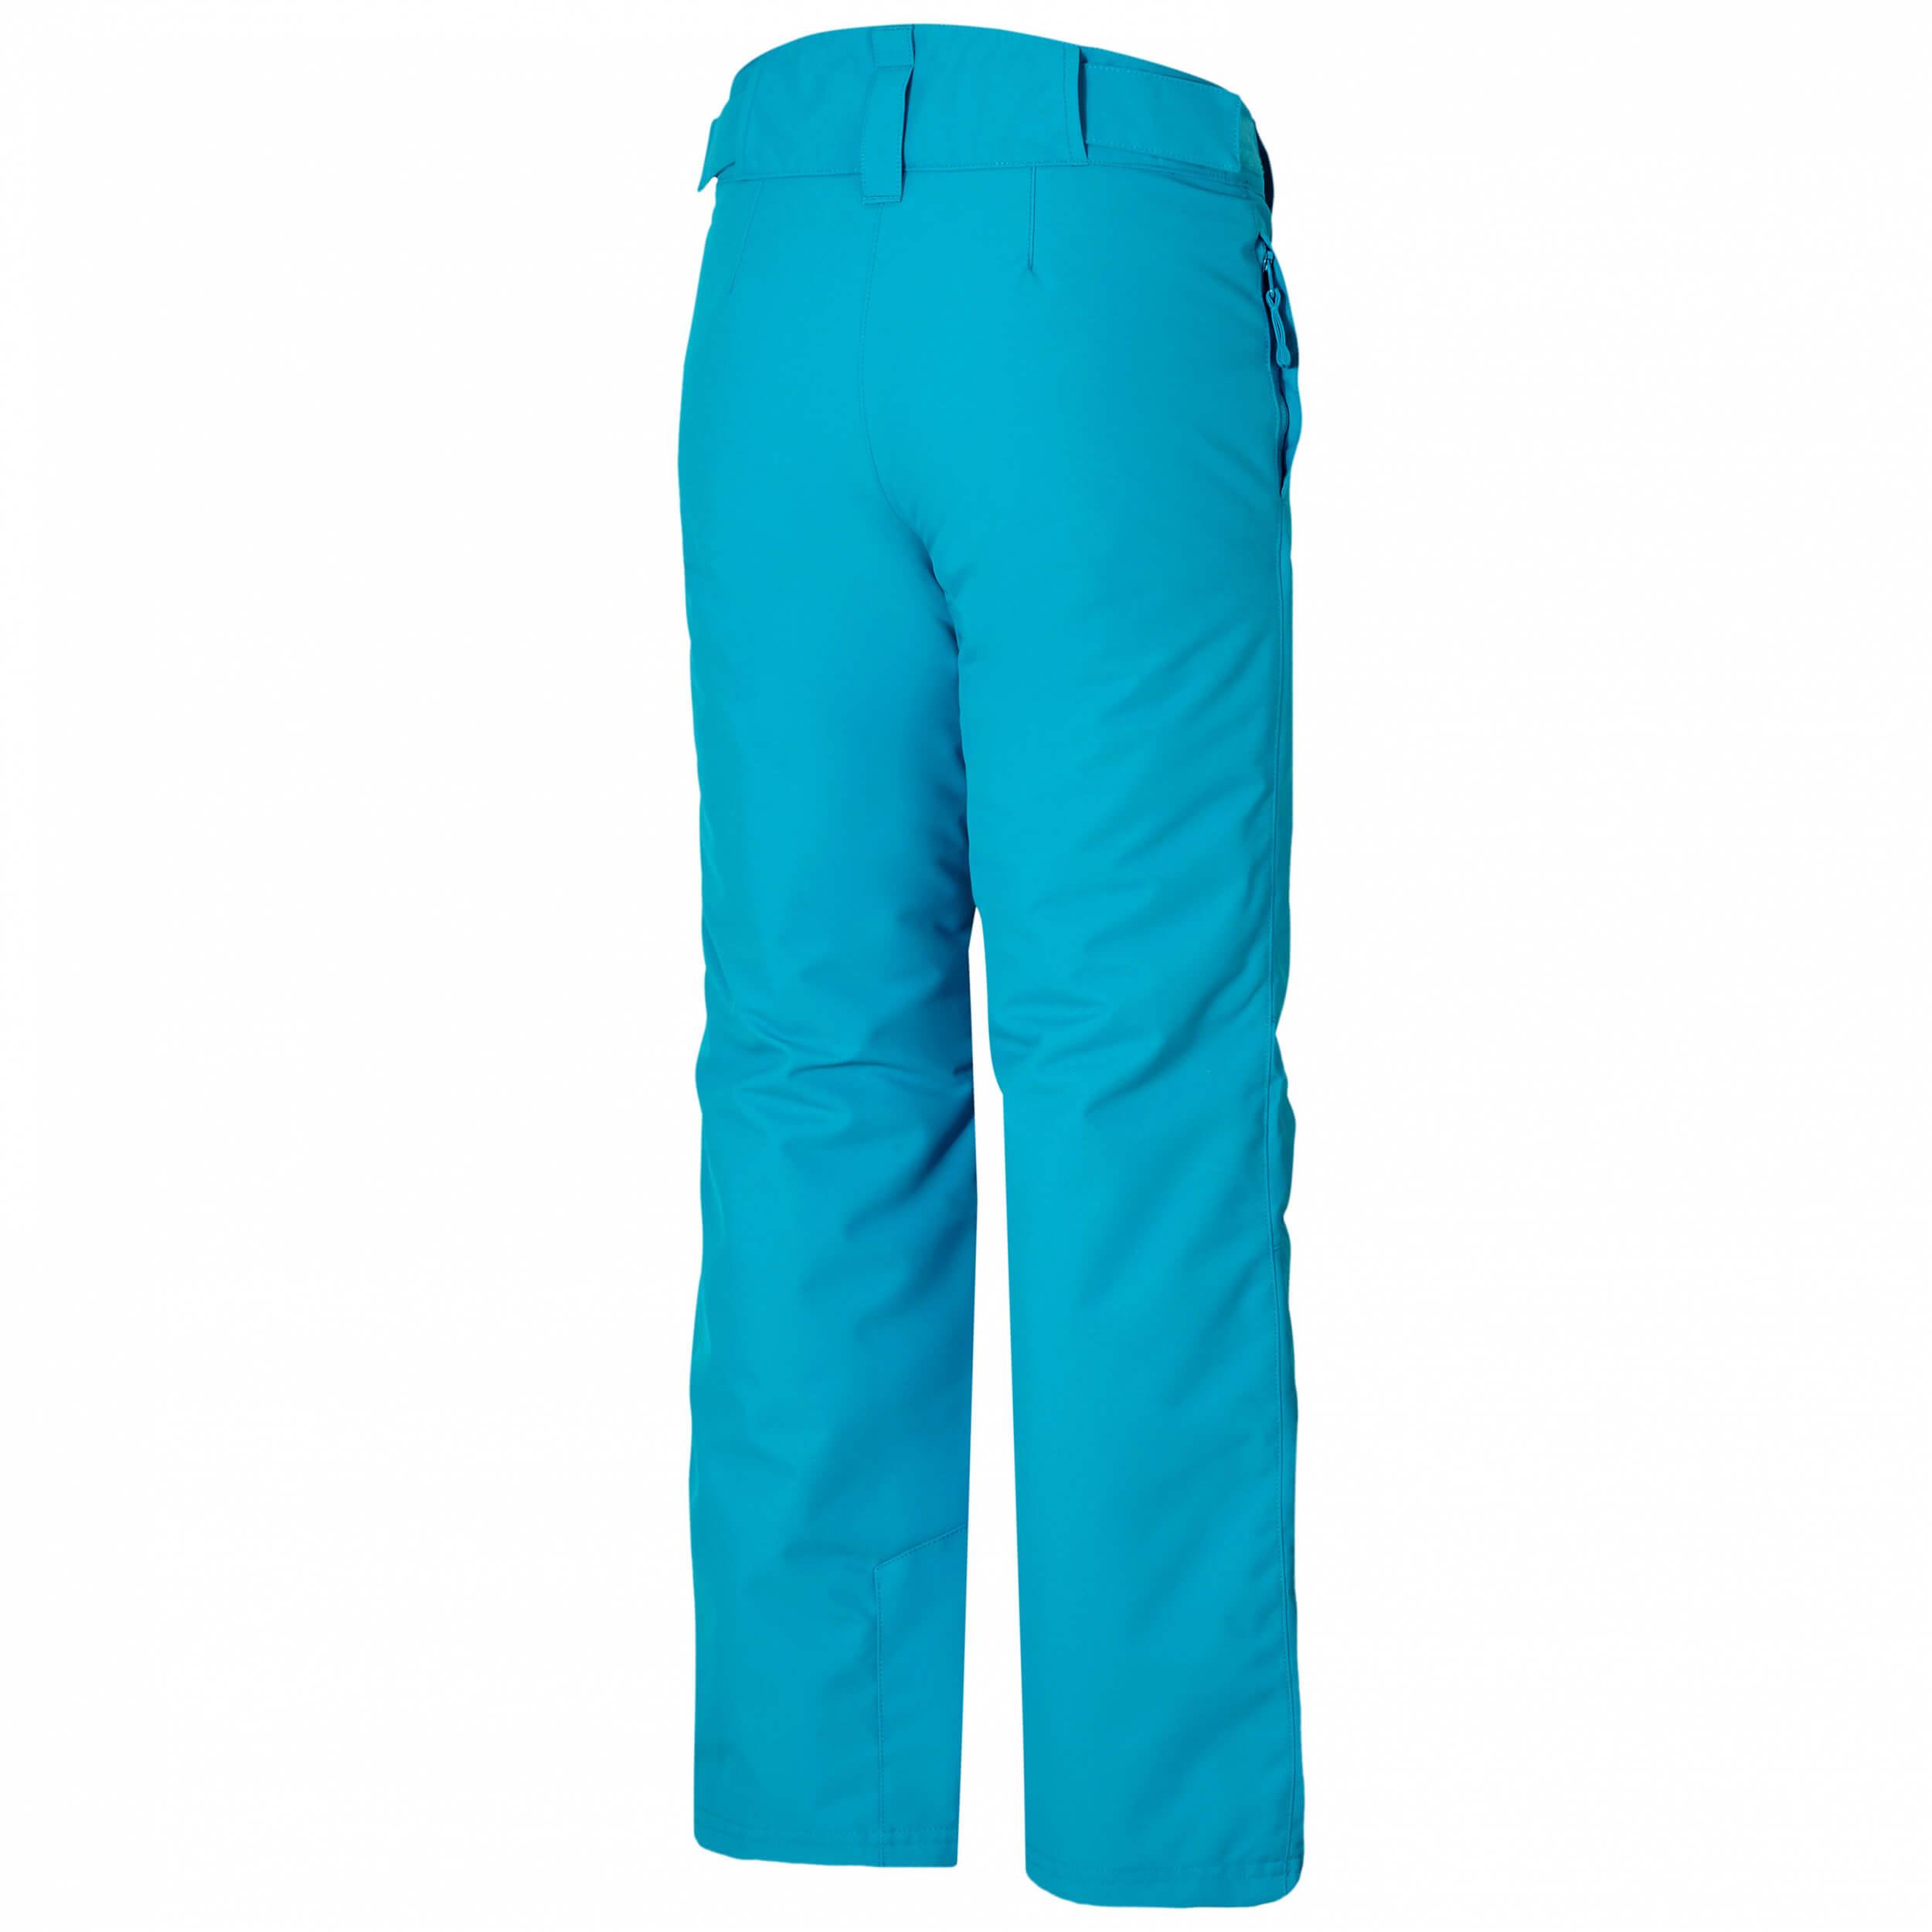 ZIENER Kinder Skihose Are blau 230